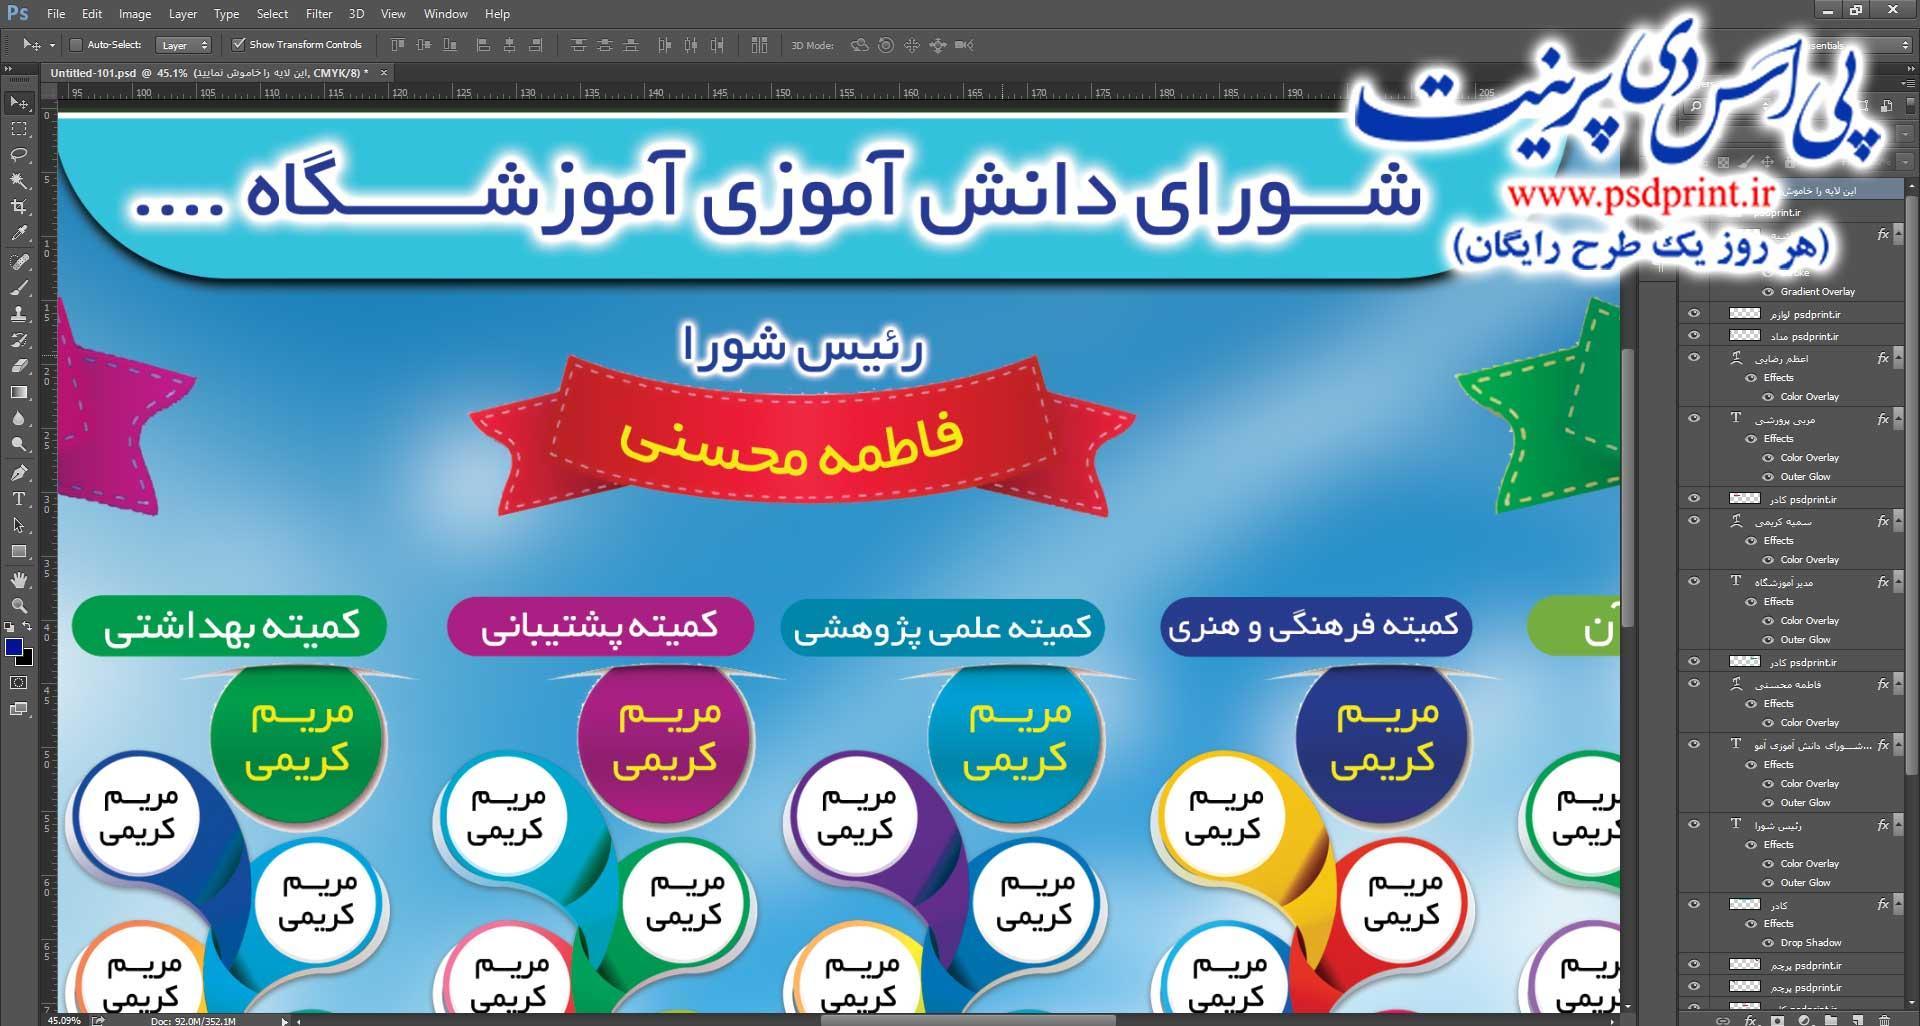 بنر لایه باز شورای دانش آموزی